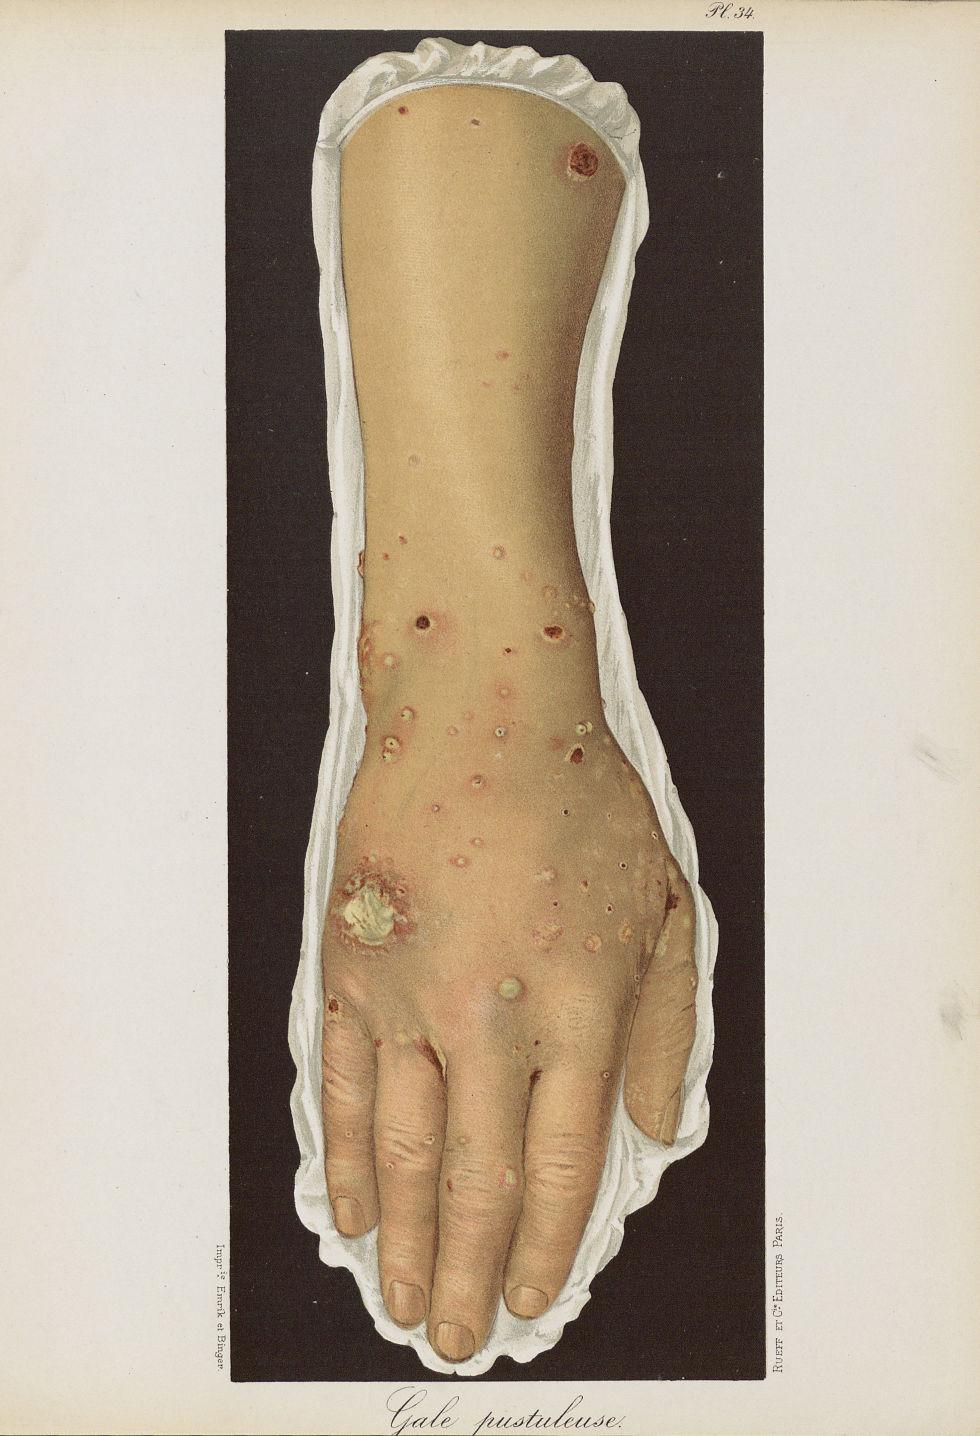 Gale pustuleuse - Le musée de l'hôpital Saint-Louis : iconographie des maladies cutanées et syphilit [...] - Dermatologie (peau). Membres supérieurs. Avant-bras, poignets, mains. 19e siècle (France) - med01740x0262